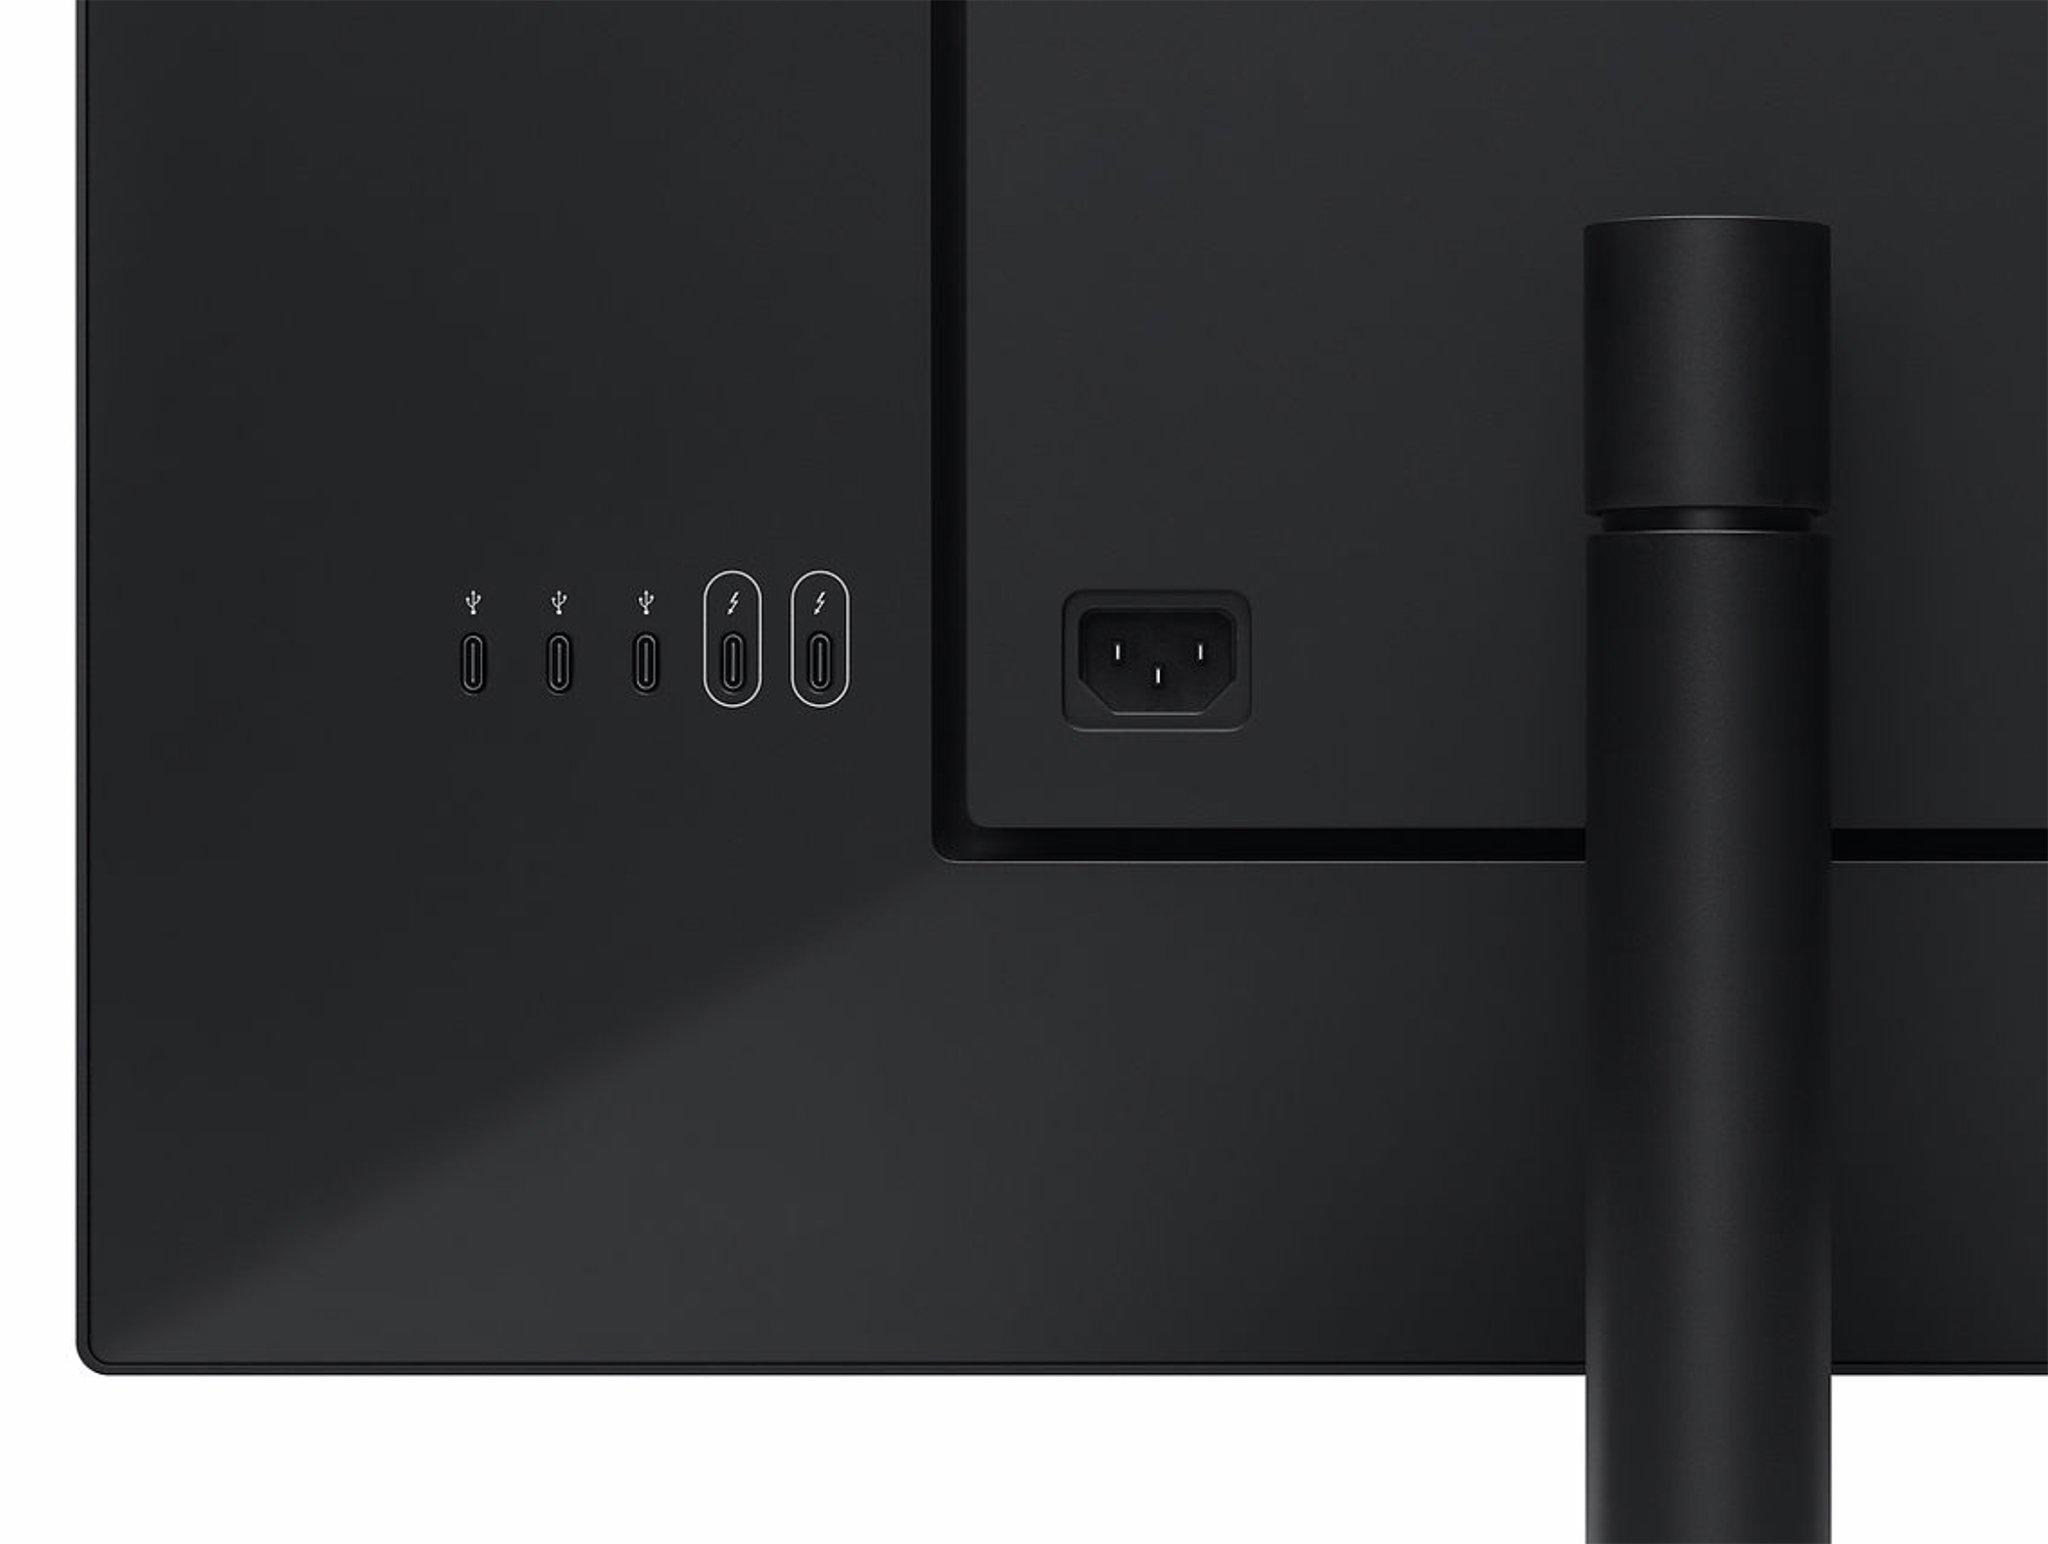 Apple is selling LG UltraFine 4K screen-2.jpg